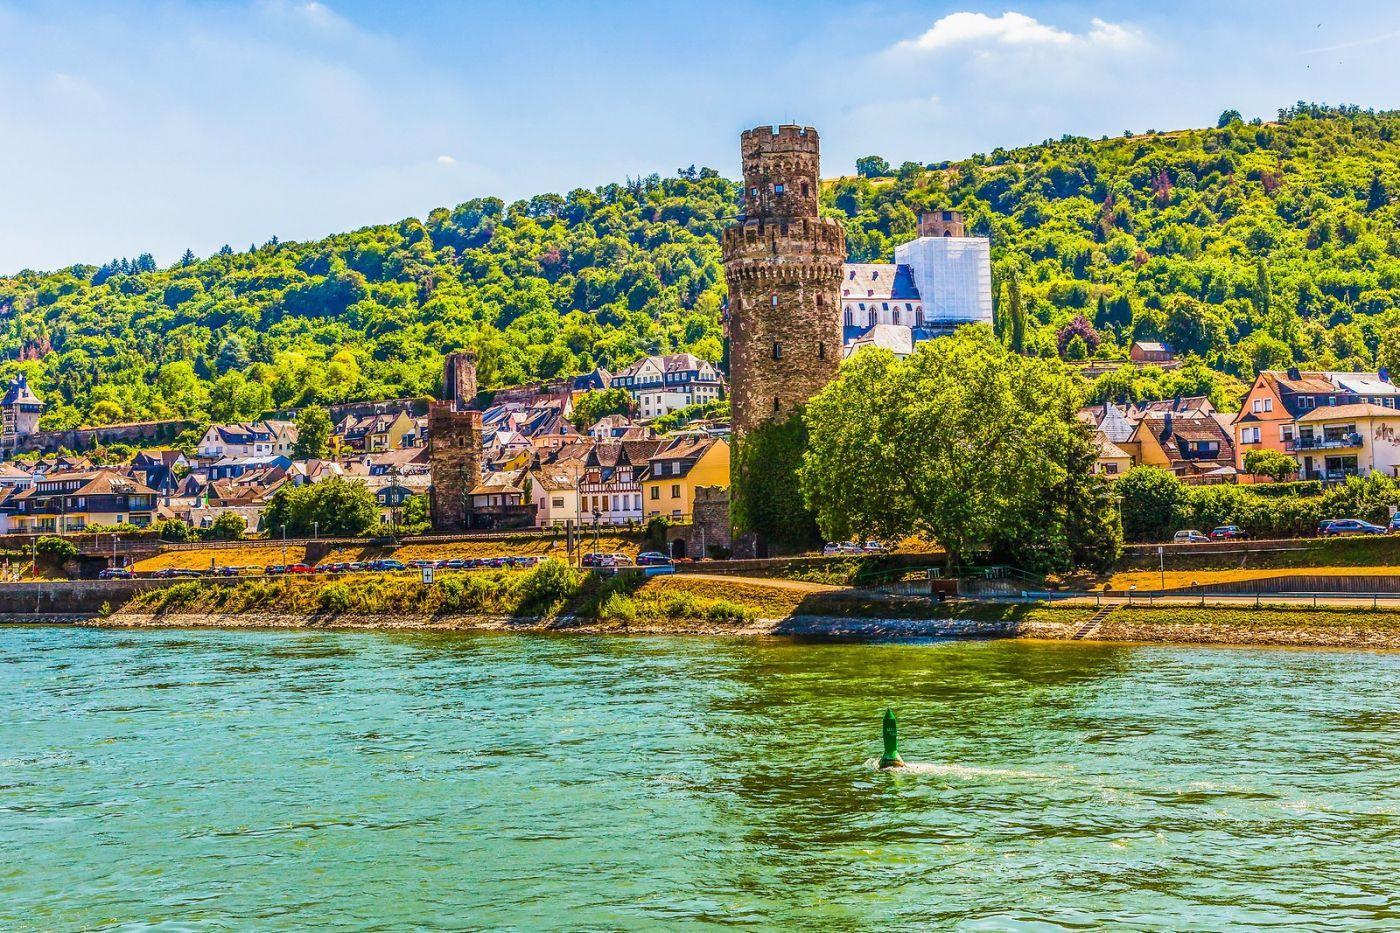 畅游莱茵河,河中的城堡_图1-18